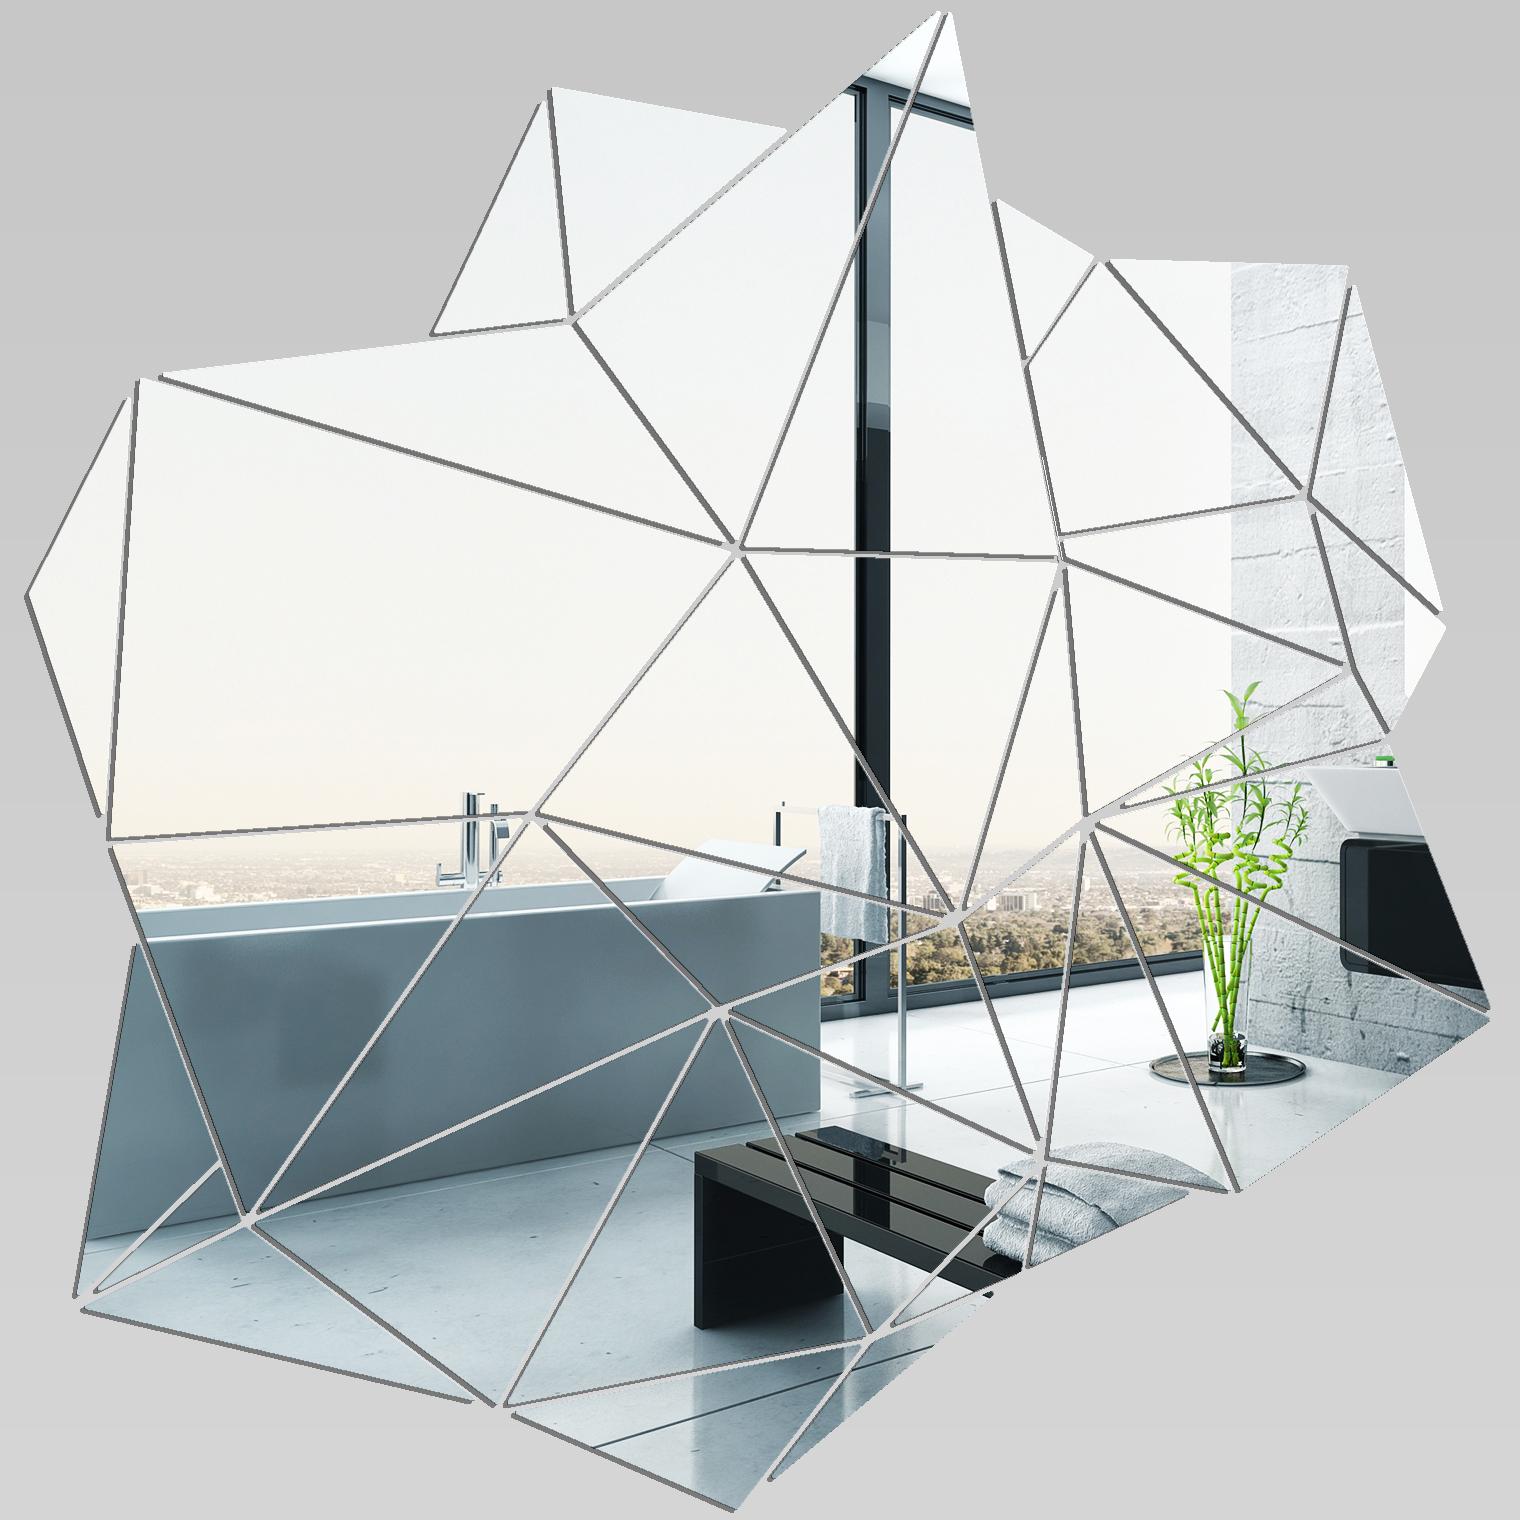 miroir plexiglass acrylique blocs g om triques pas cher On miroir geometrique